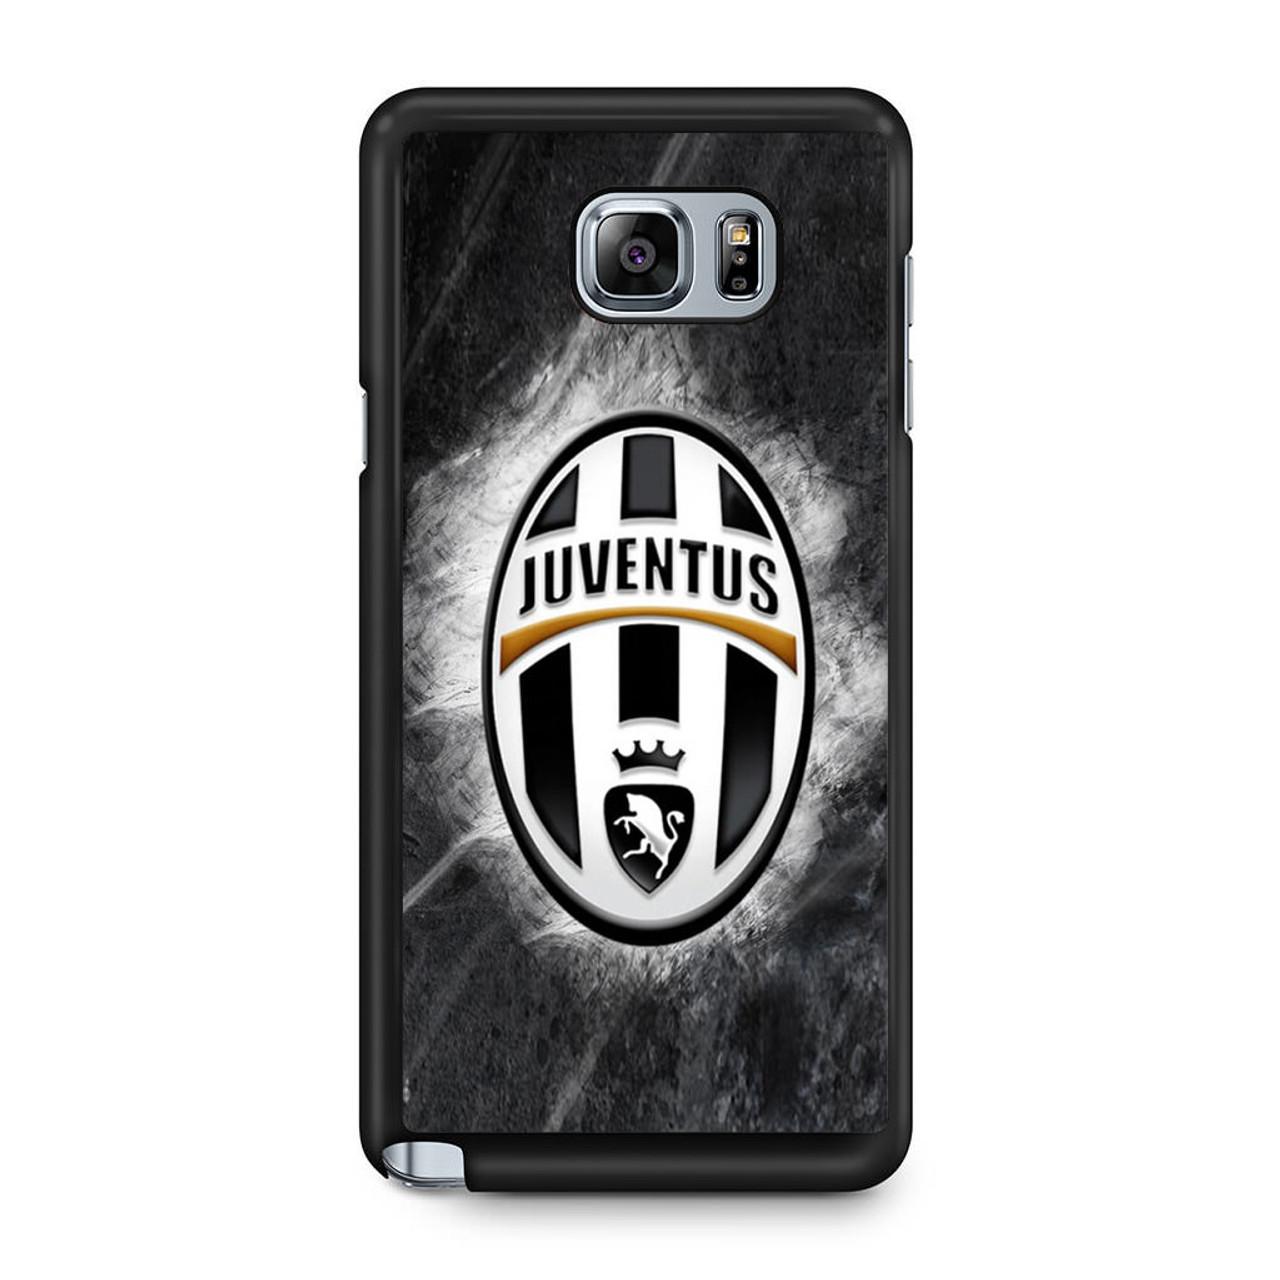 disponibilità nel Regno Unito f137b d40b3 FC Juventus Samsung Galaxy Note 5 Case